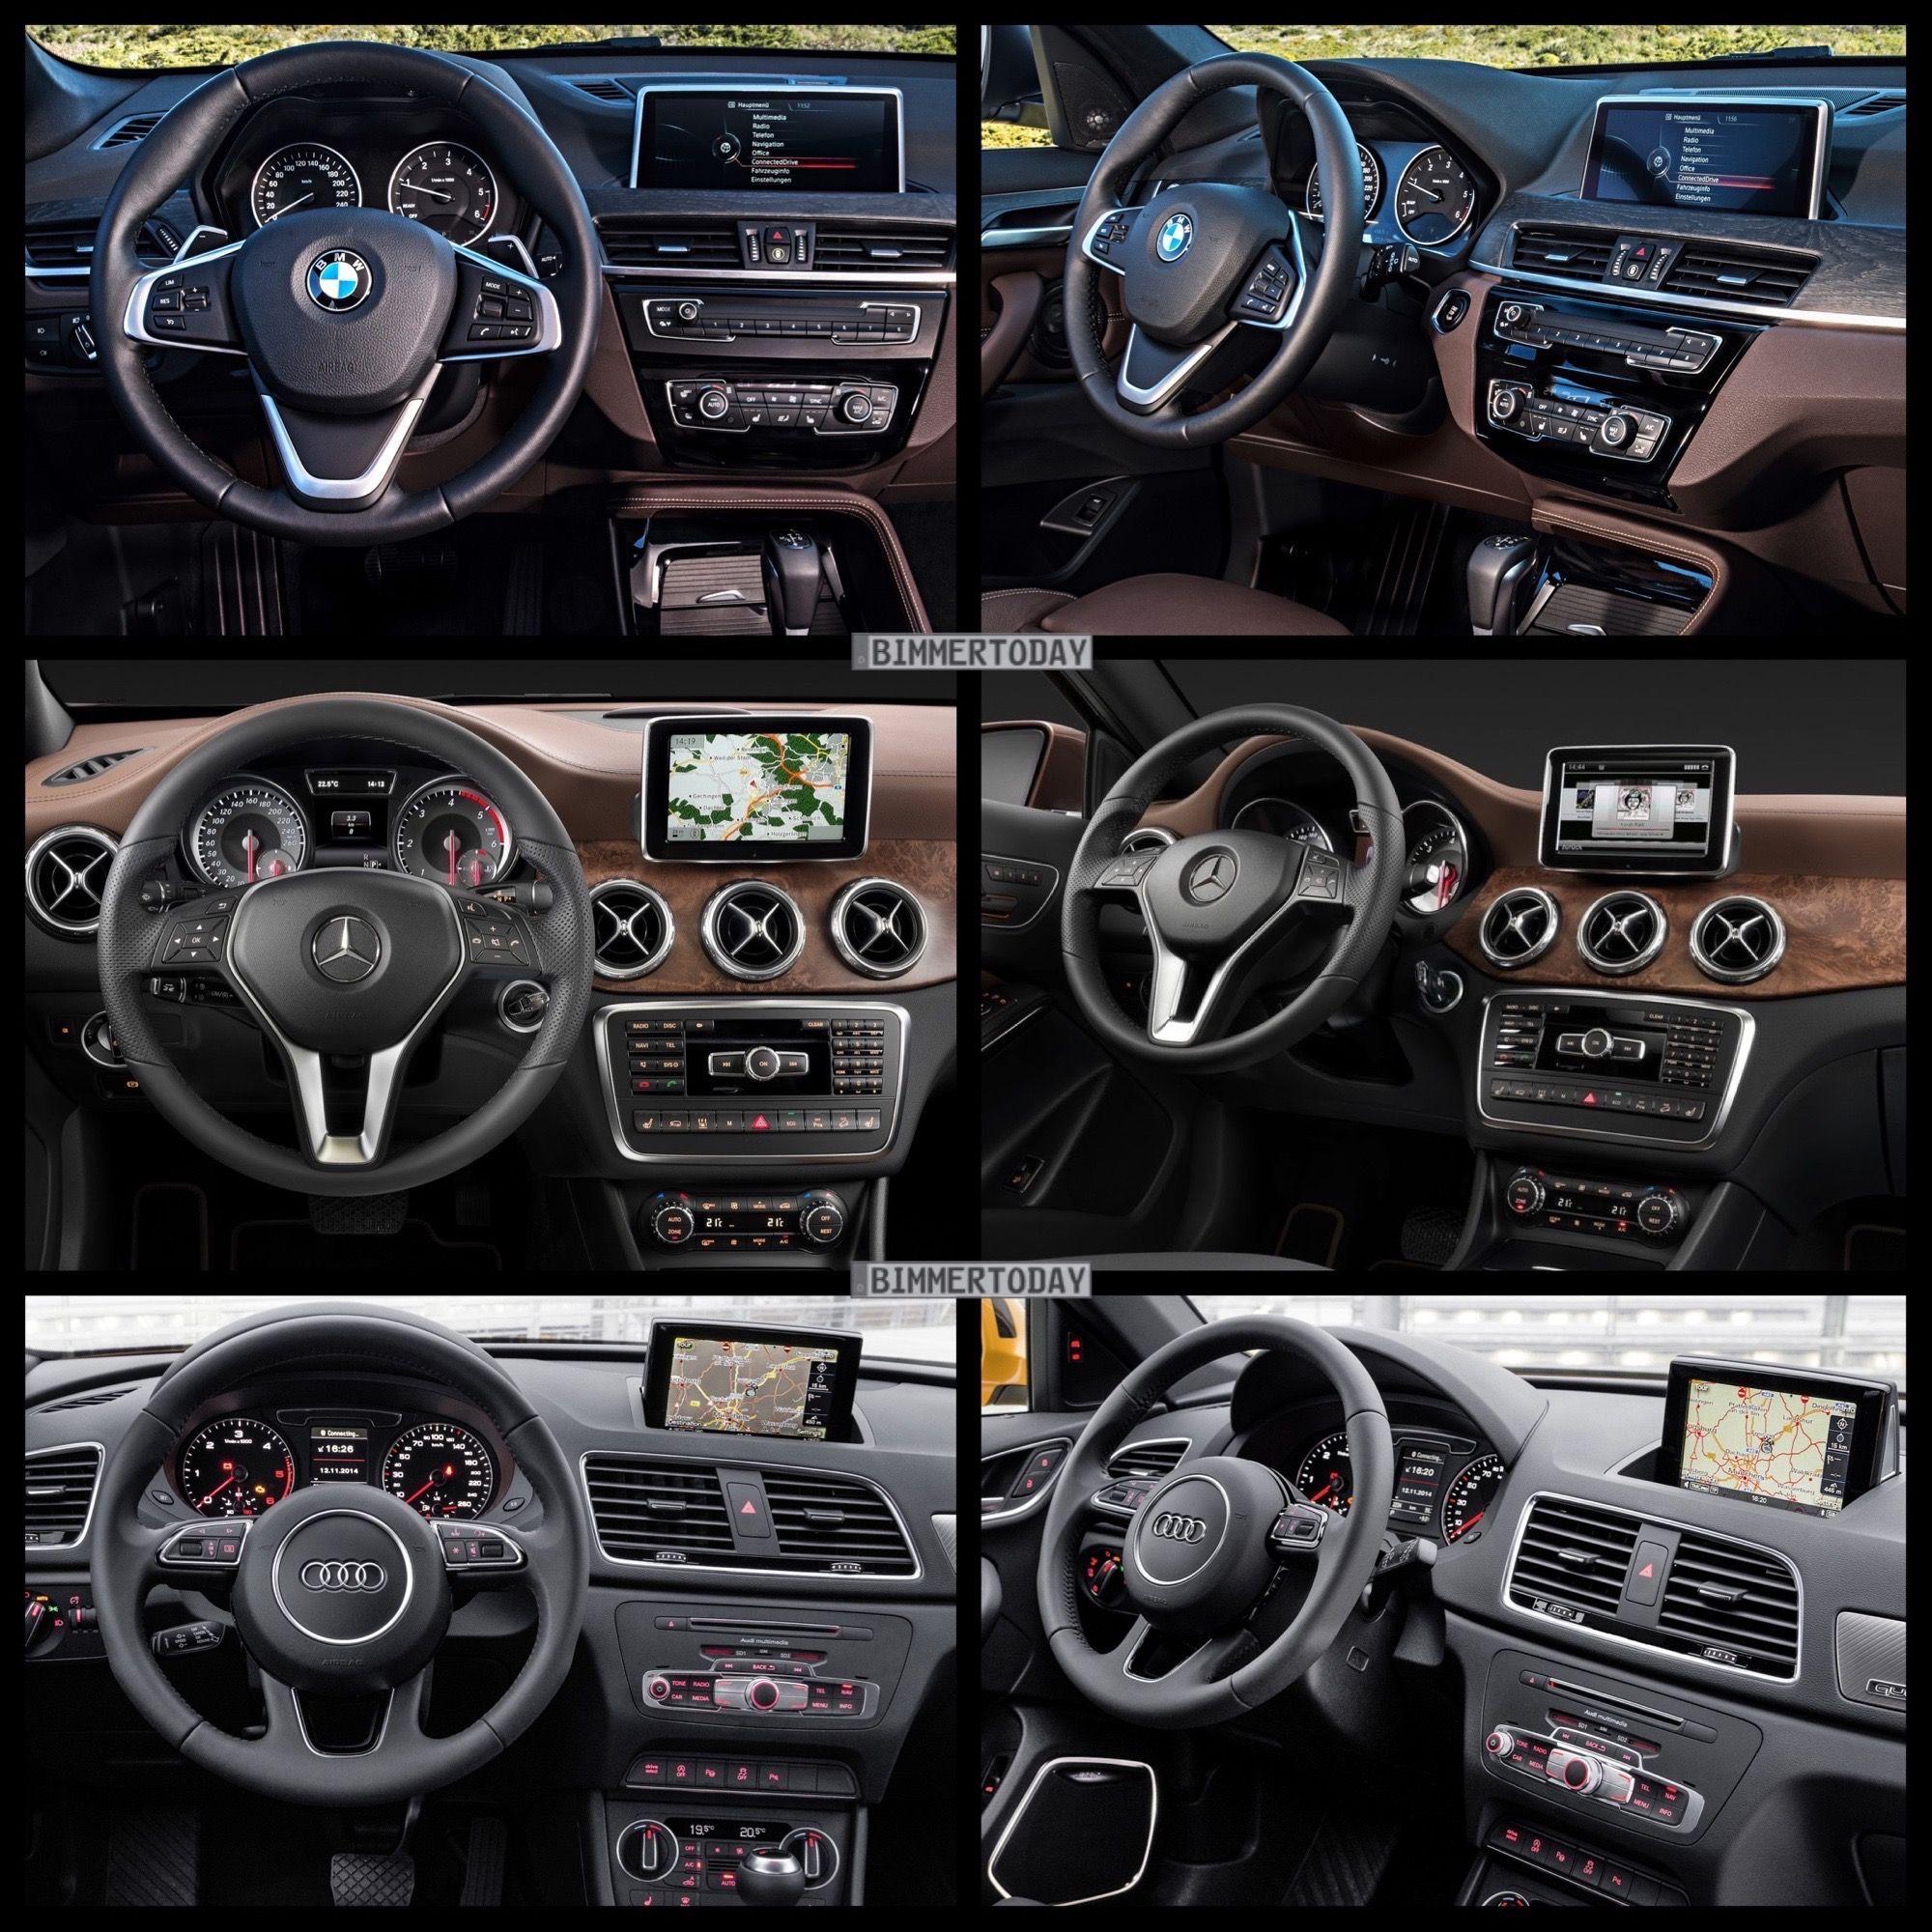 2016 Bmw X1 Vs Audi Q3 Vs Mercedes Gla Photo Comparison Audi